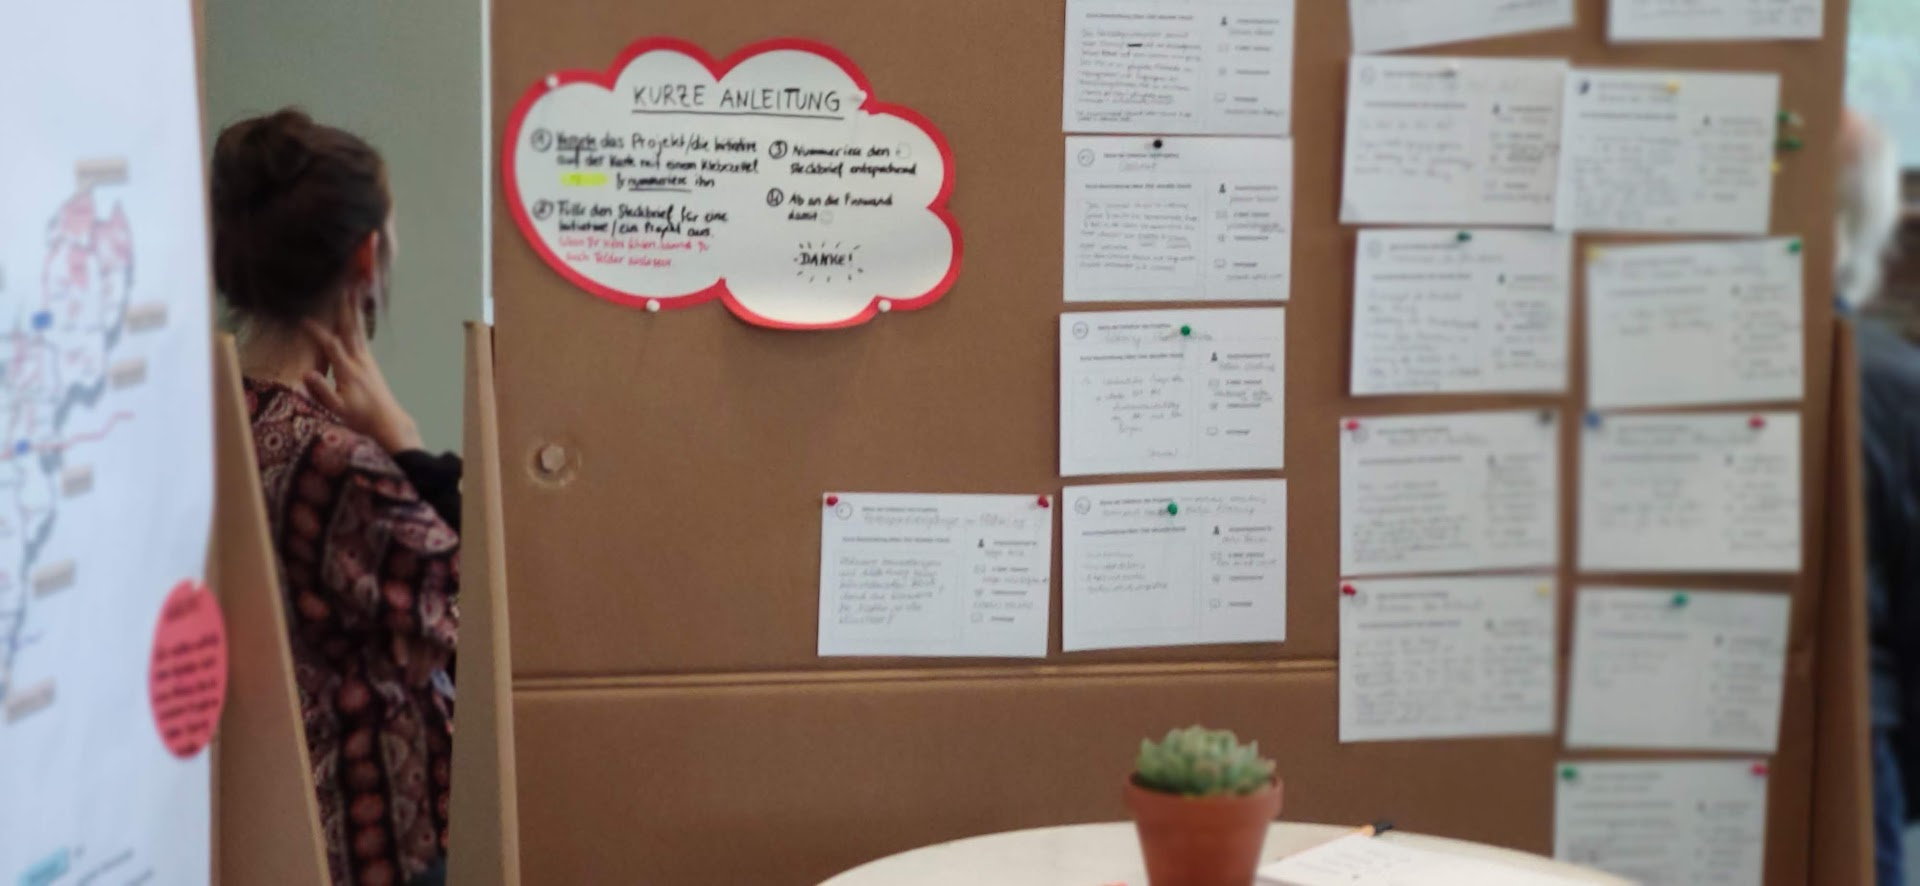 Bild von der Mitmachkonferenz Fläming Aktiv 2020